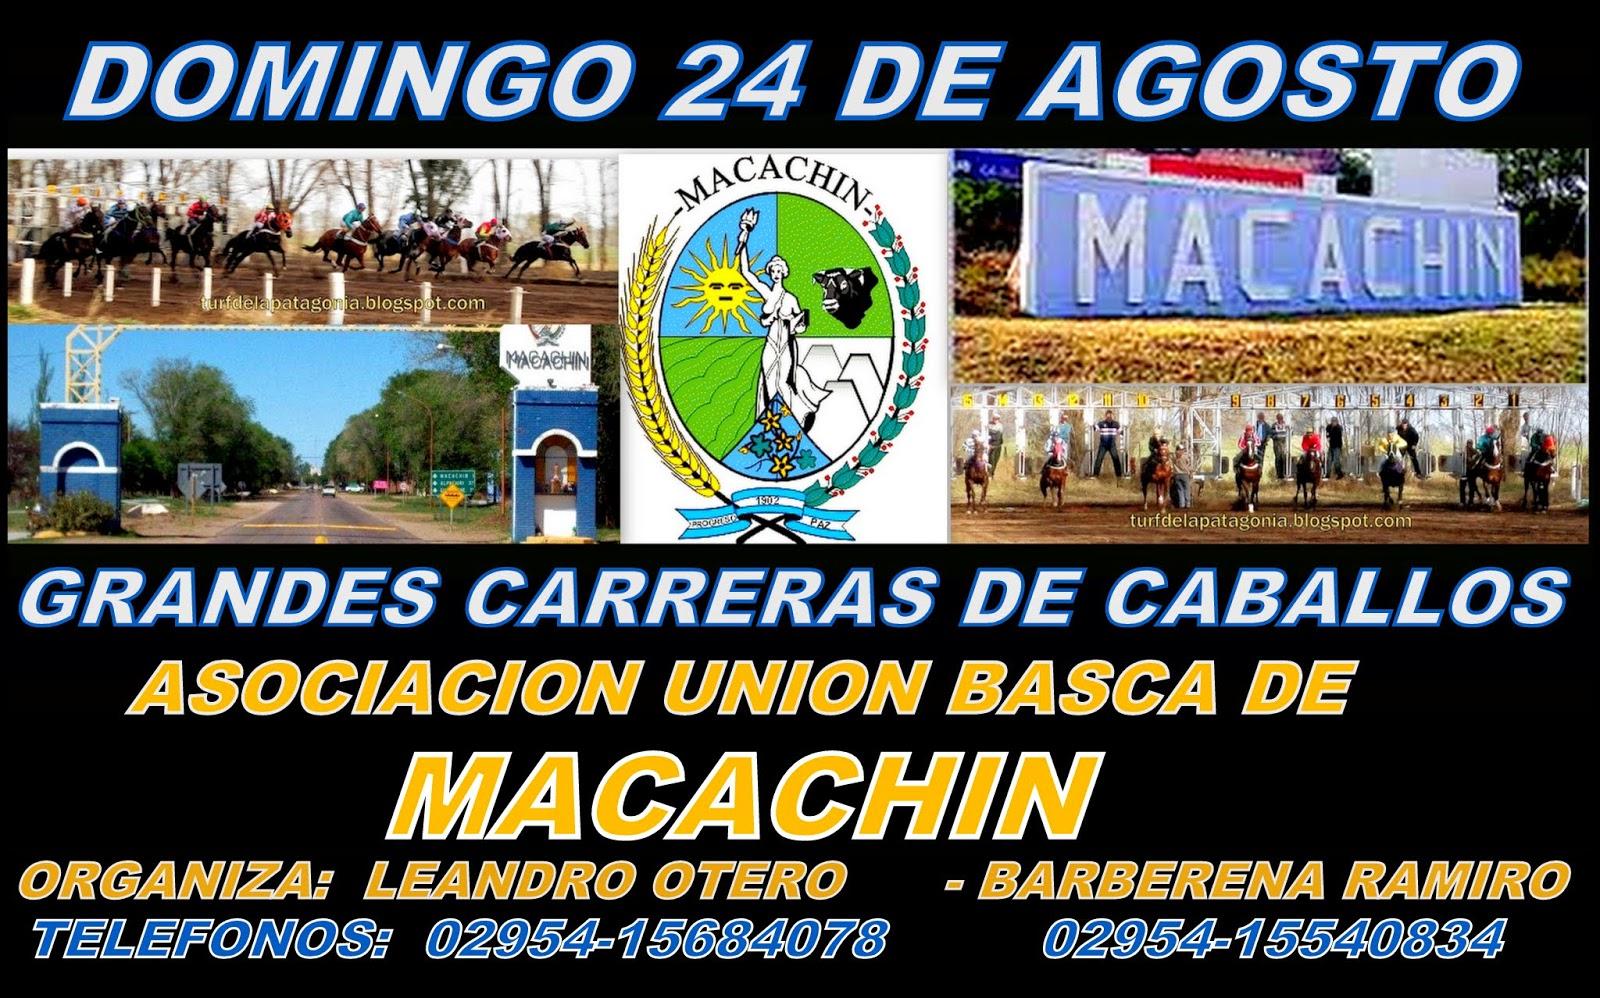 http://turfdelapatagonia.blogspot.com.ar/2014/06/2408-carreras-de-caballos-en-macachin.html#more